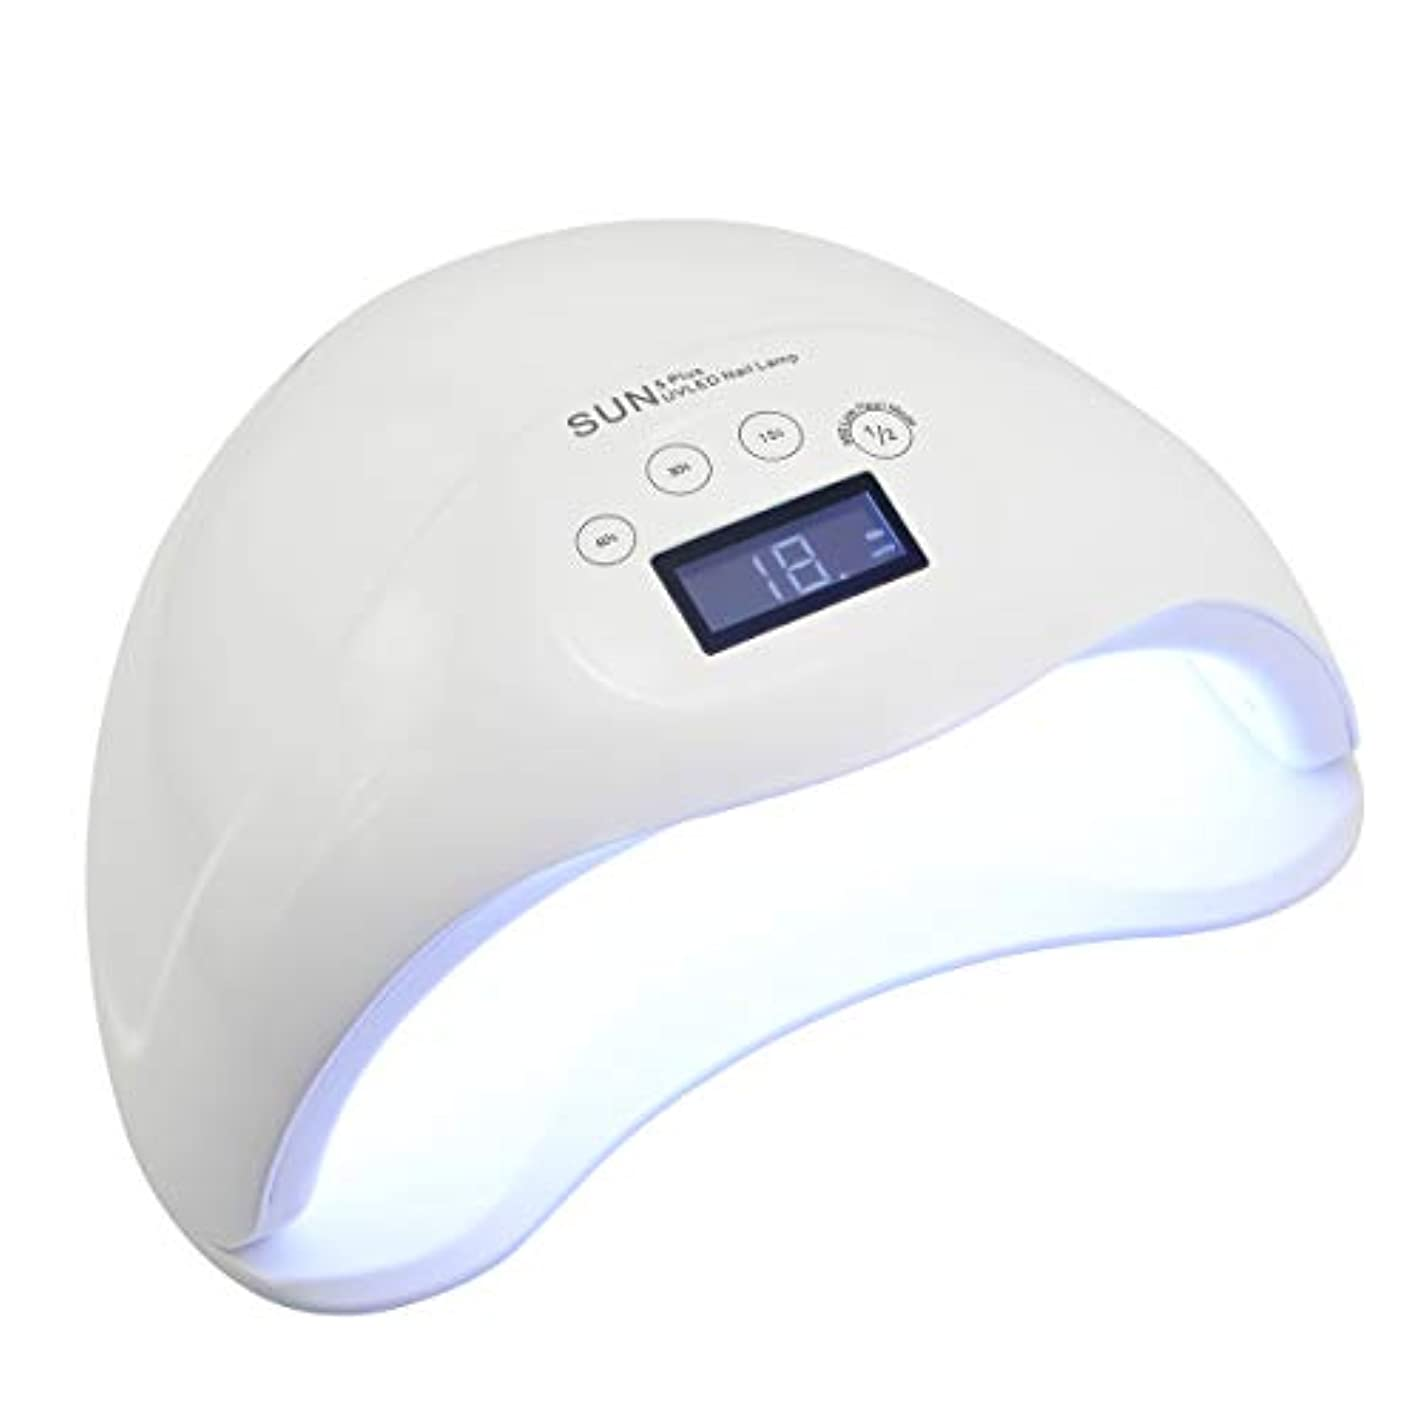 歯車あらゆる種類の拮抗ネイルドライヤー kawakawa 硬化ライト 48W UV/LEDライト 高速硬化 自動センサー マニキュア ジェルネイル用 4段階タイマー 赤外線検知(ホワイト) 日本語取扱説明書付き